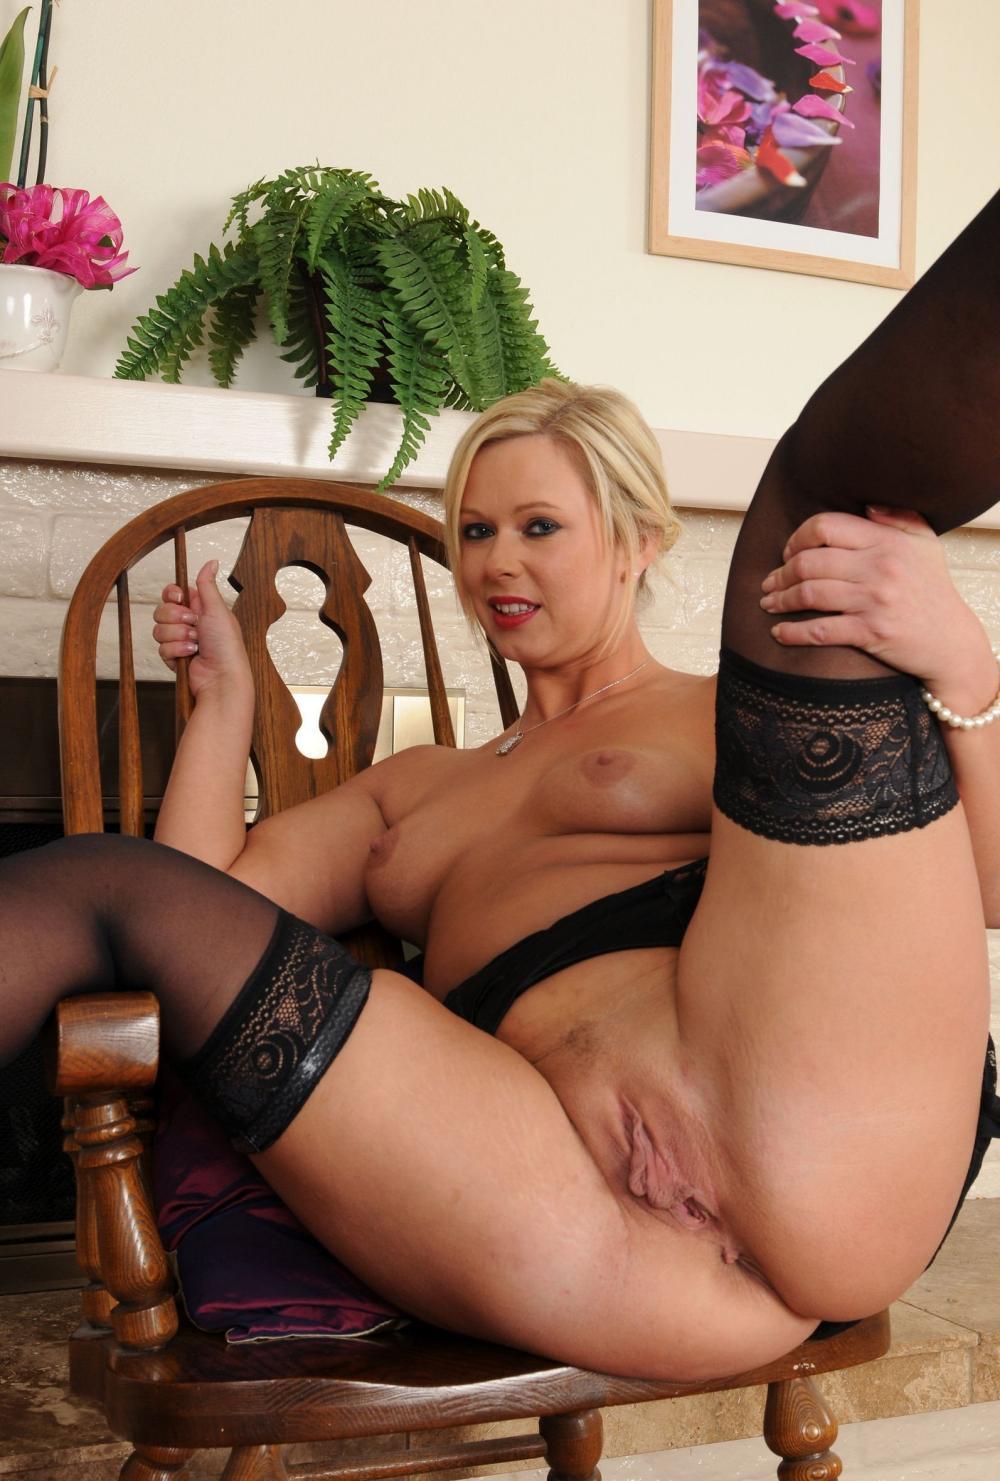 Порно фото голых зрелых женщин блондинка устроилась в деревянном кресле, держится за спинку, задрала ноги в черных чулках подняла их и раздвинула открыв все свои прелести большой возбужденный клитор